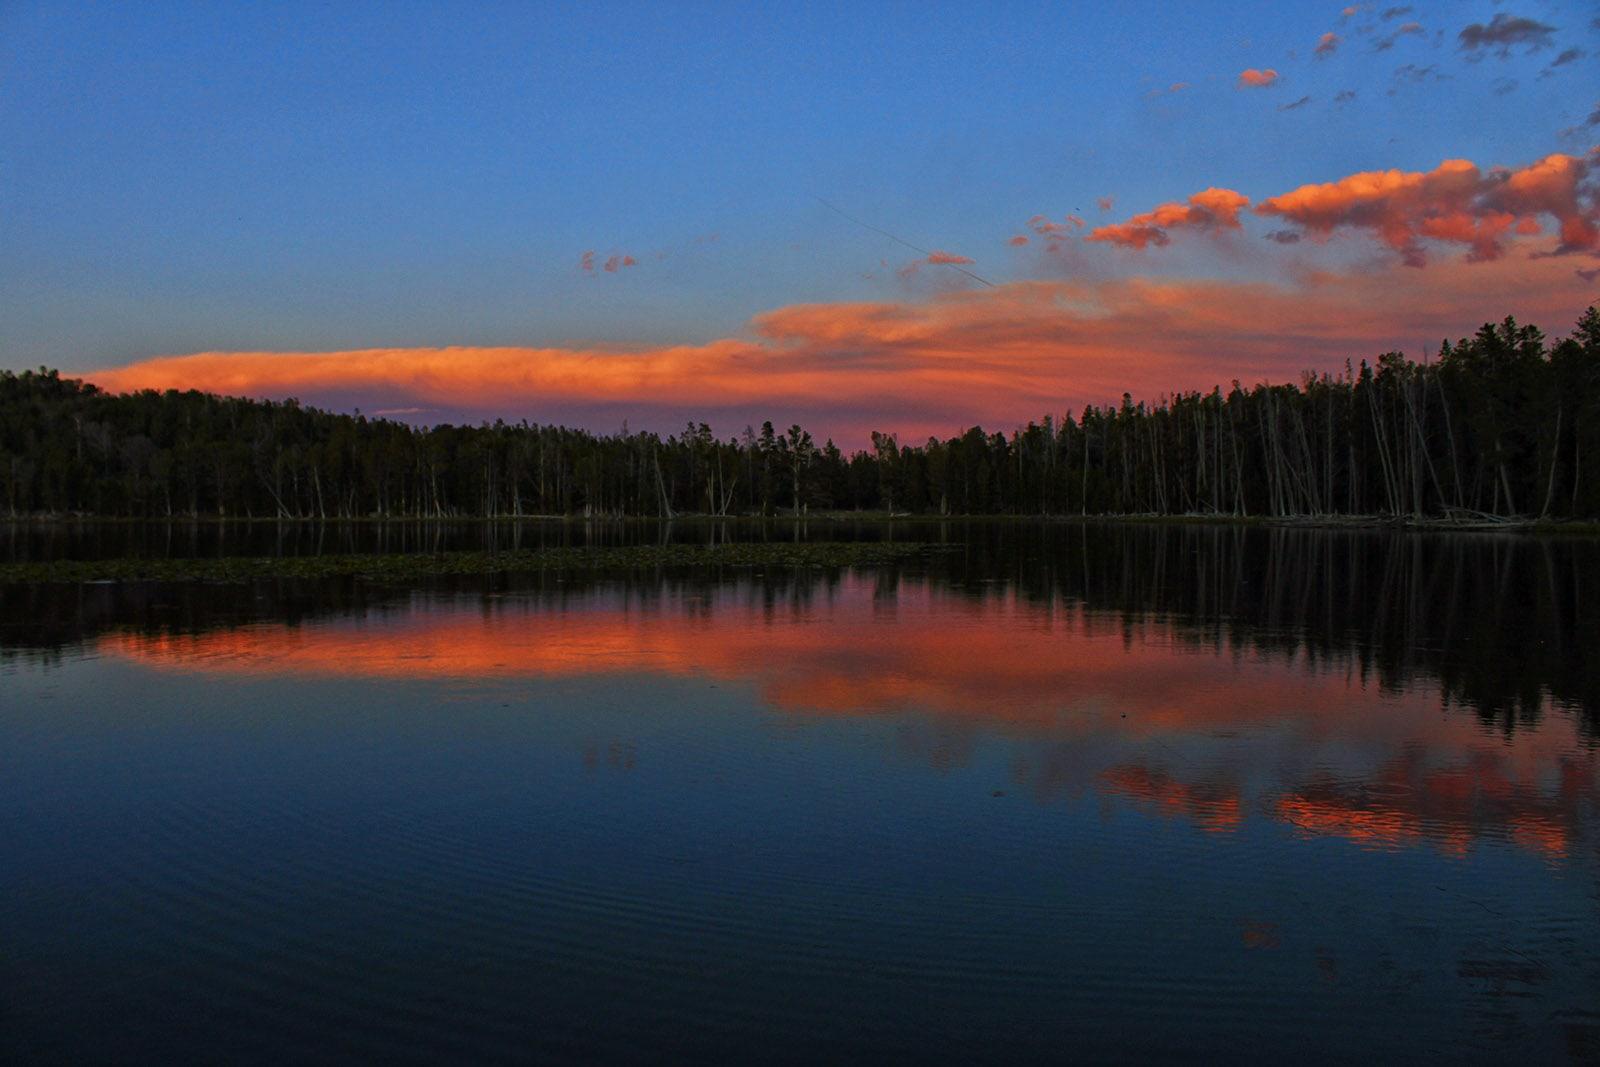 Fiddlers Lake Wyoming at sunset